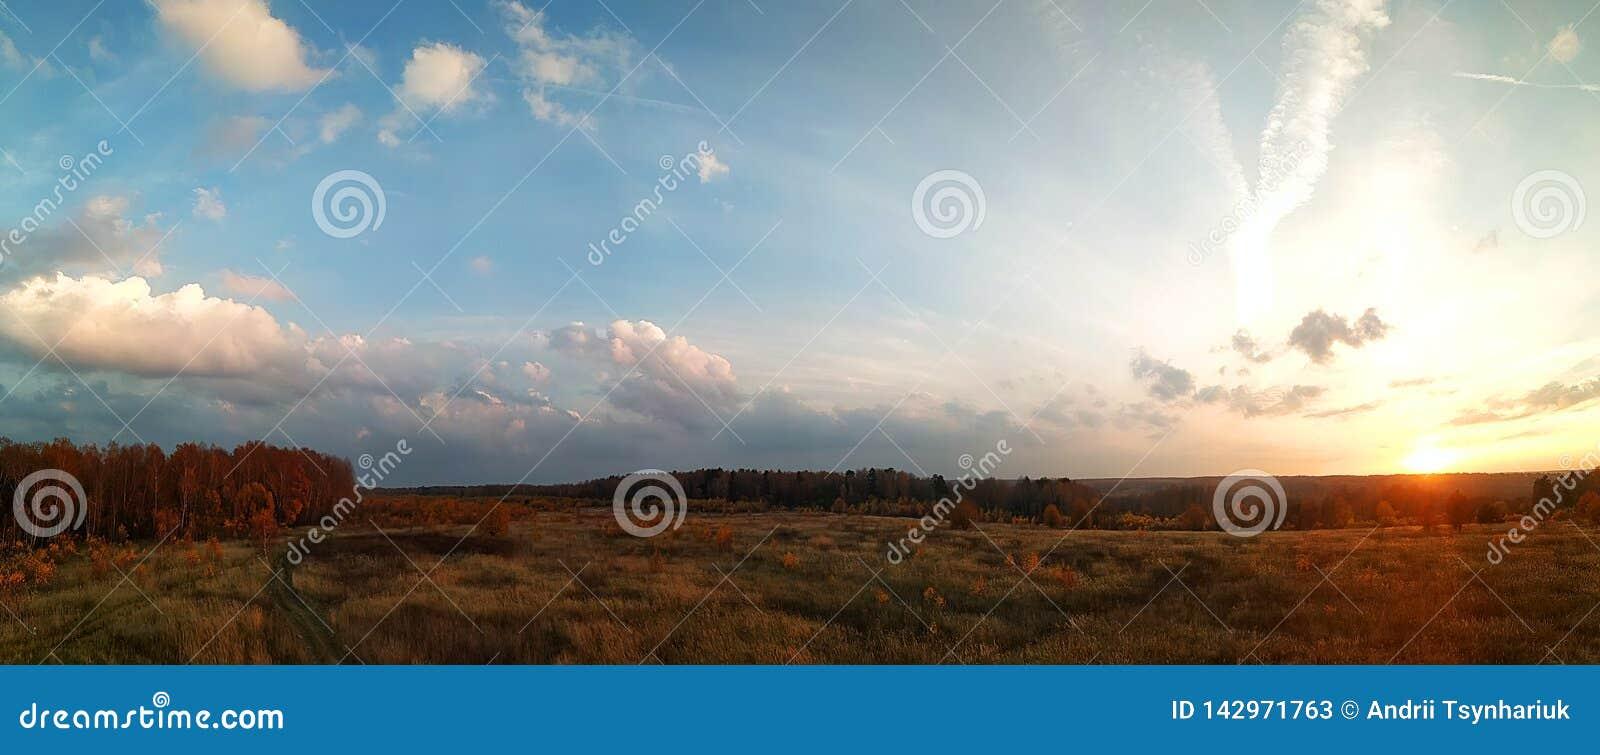 Panorama que sorprende del paisaje rural del otoño de un pueblo europeo con un cielo colorido y un campo de oro infinito